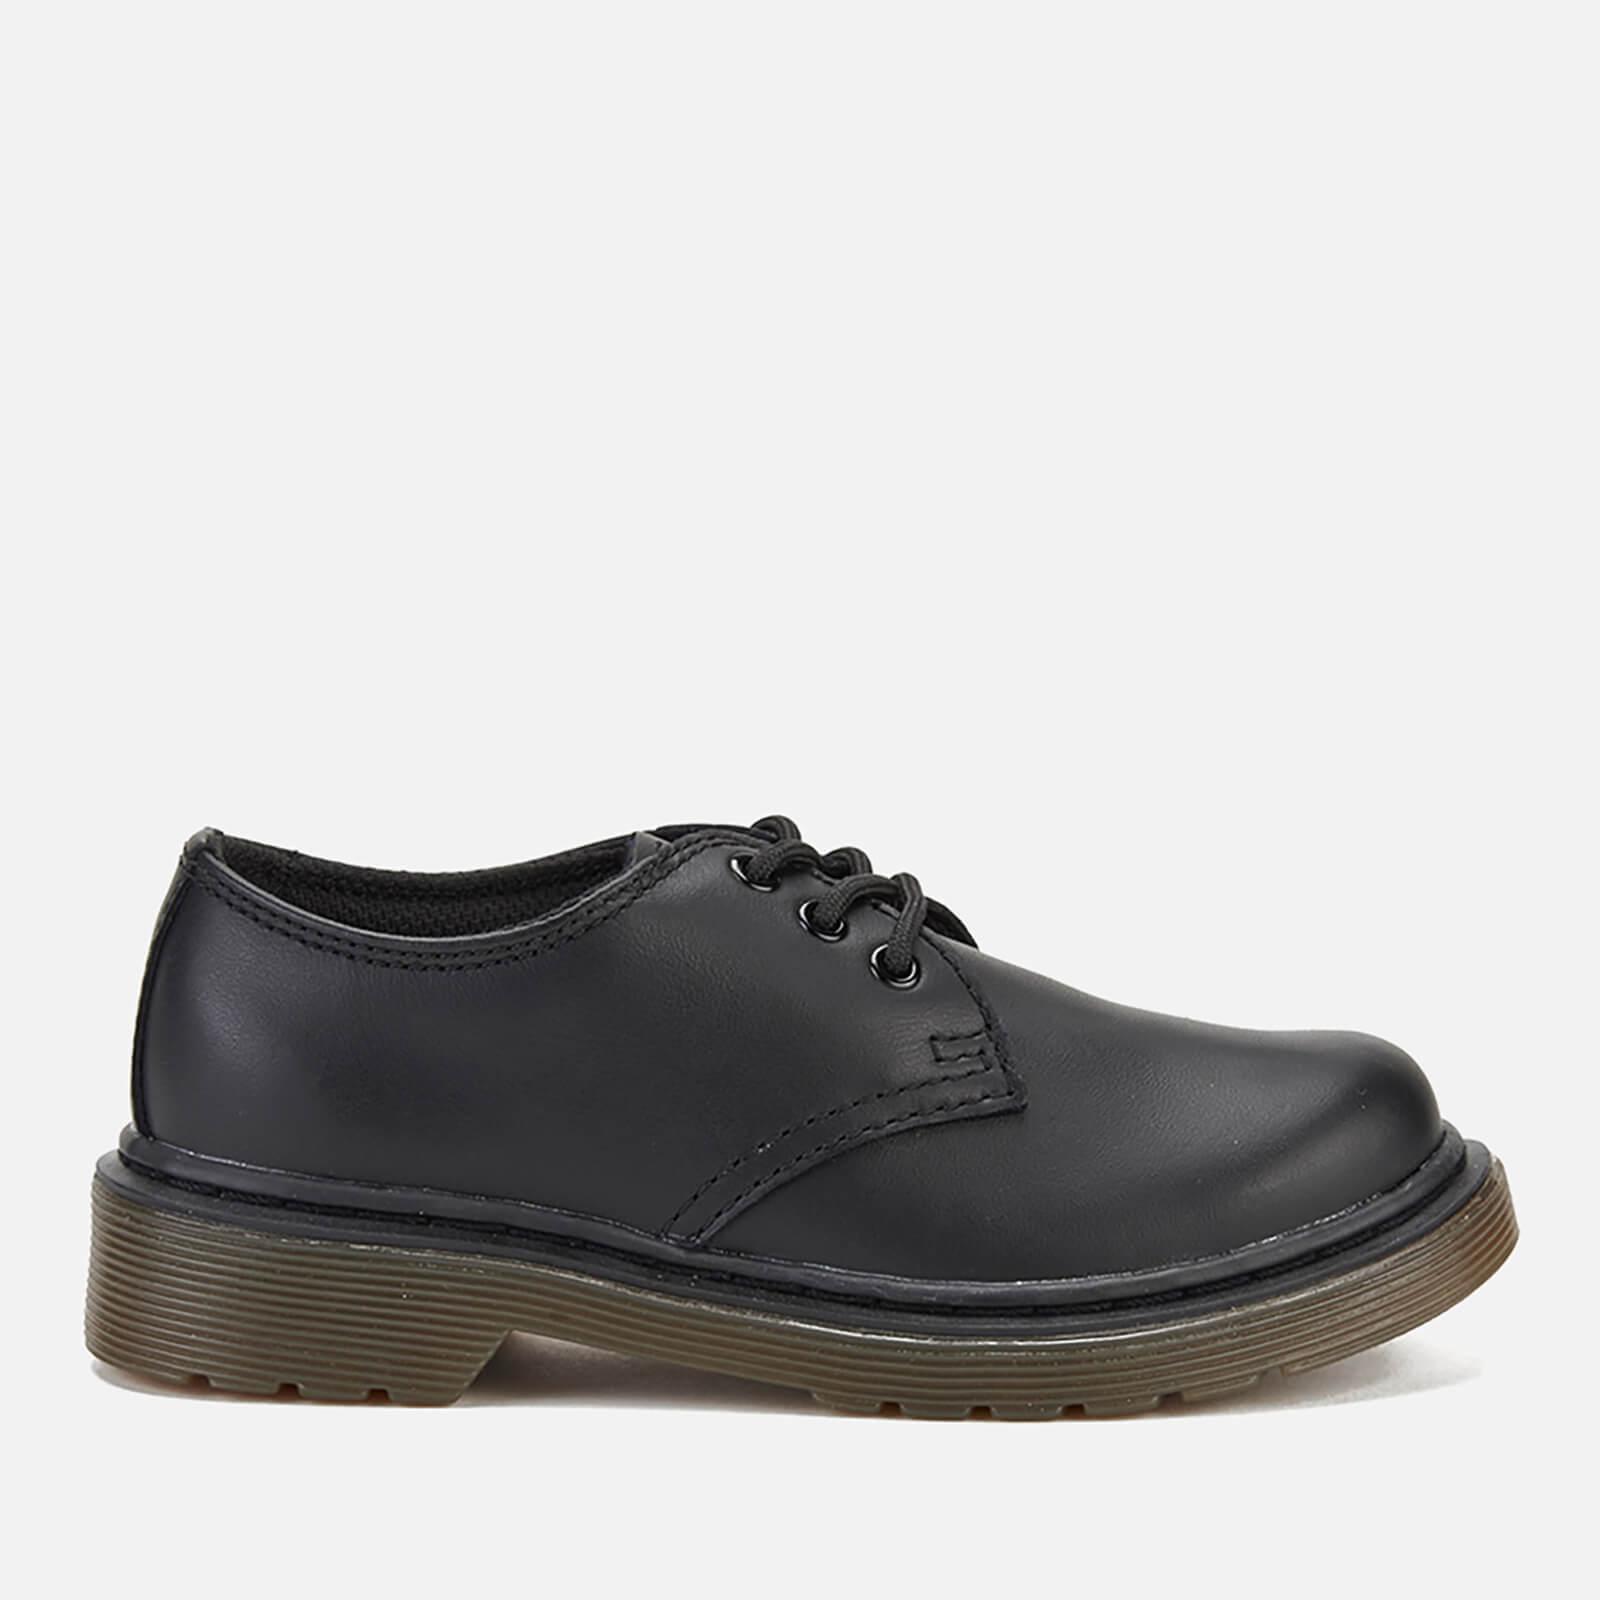 Dr. Martens Kids' Everley Leather 3-Eye Shoes - Black - UK 11 Kids - Black